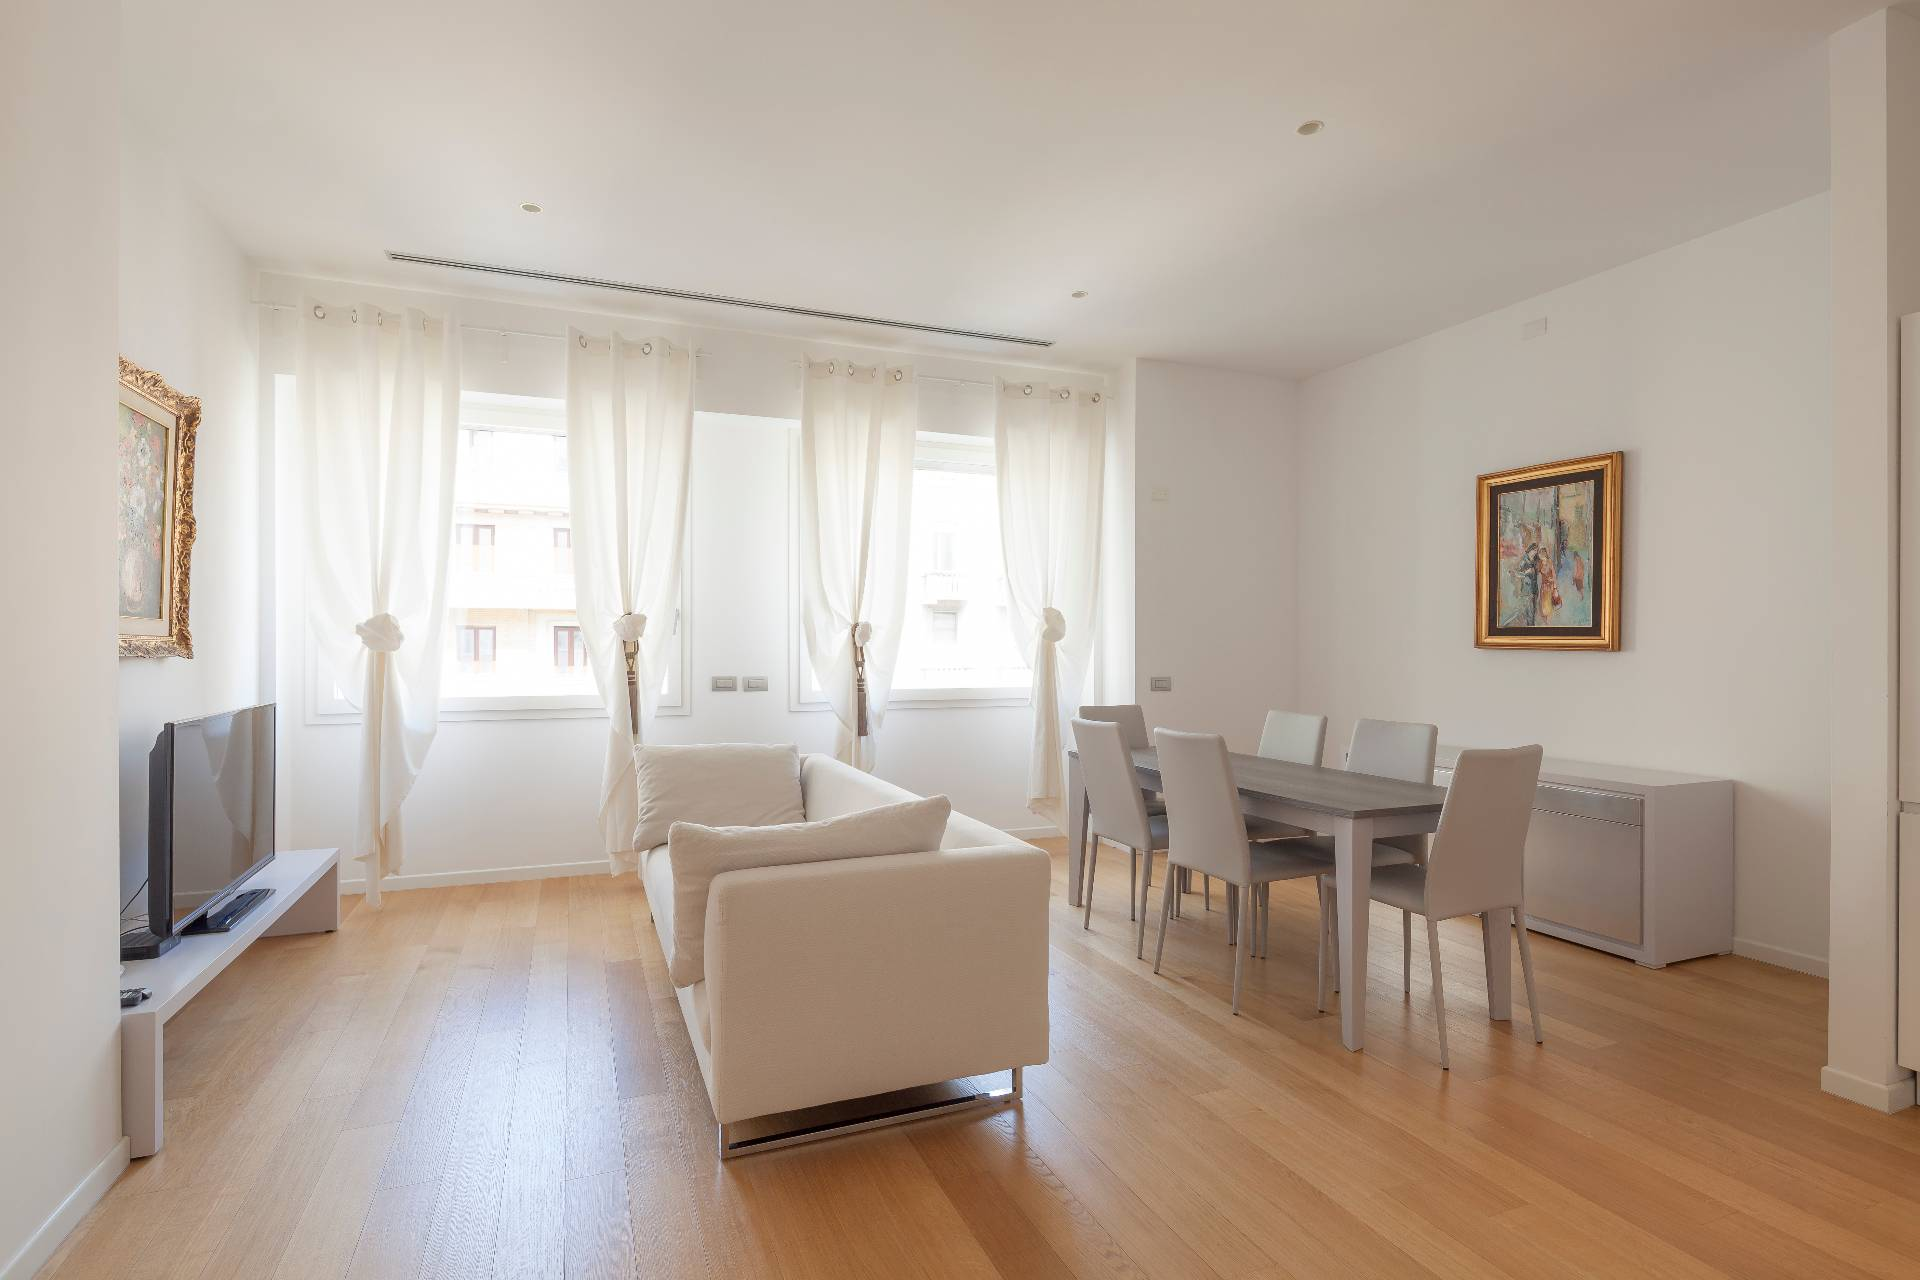 Appartamento in Vendita a Milano: 3 locali, 68 mq - Foto 1